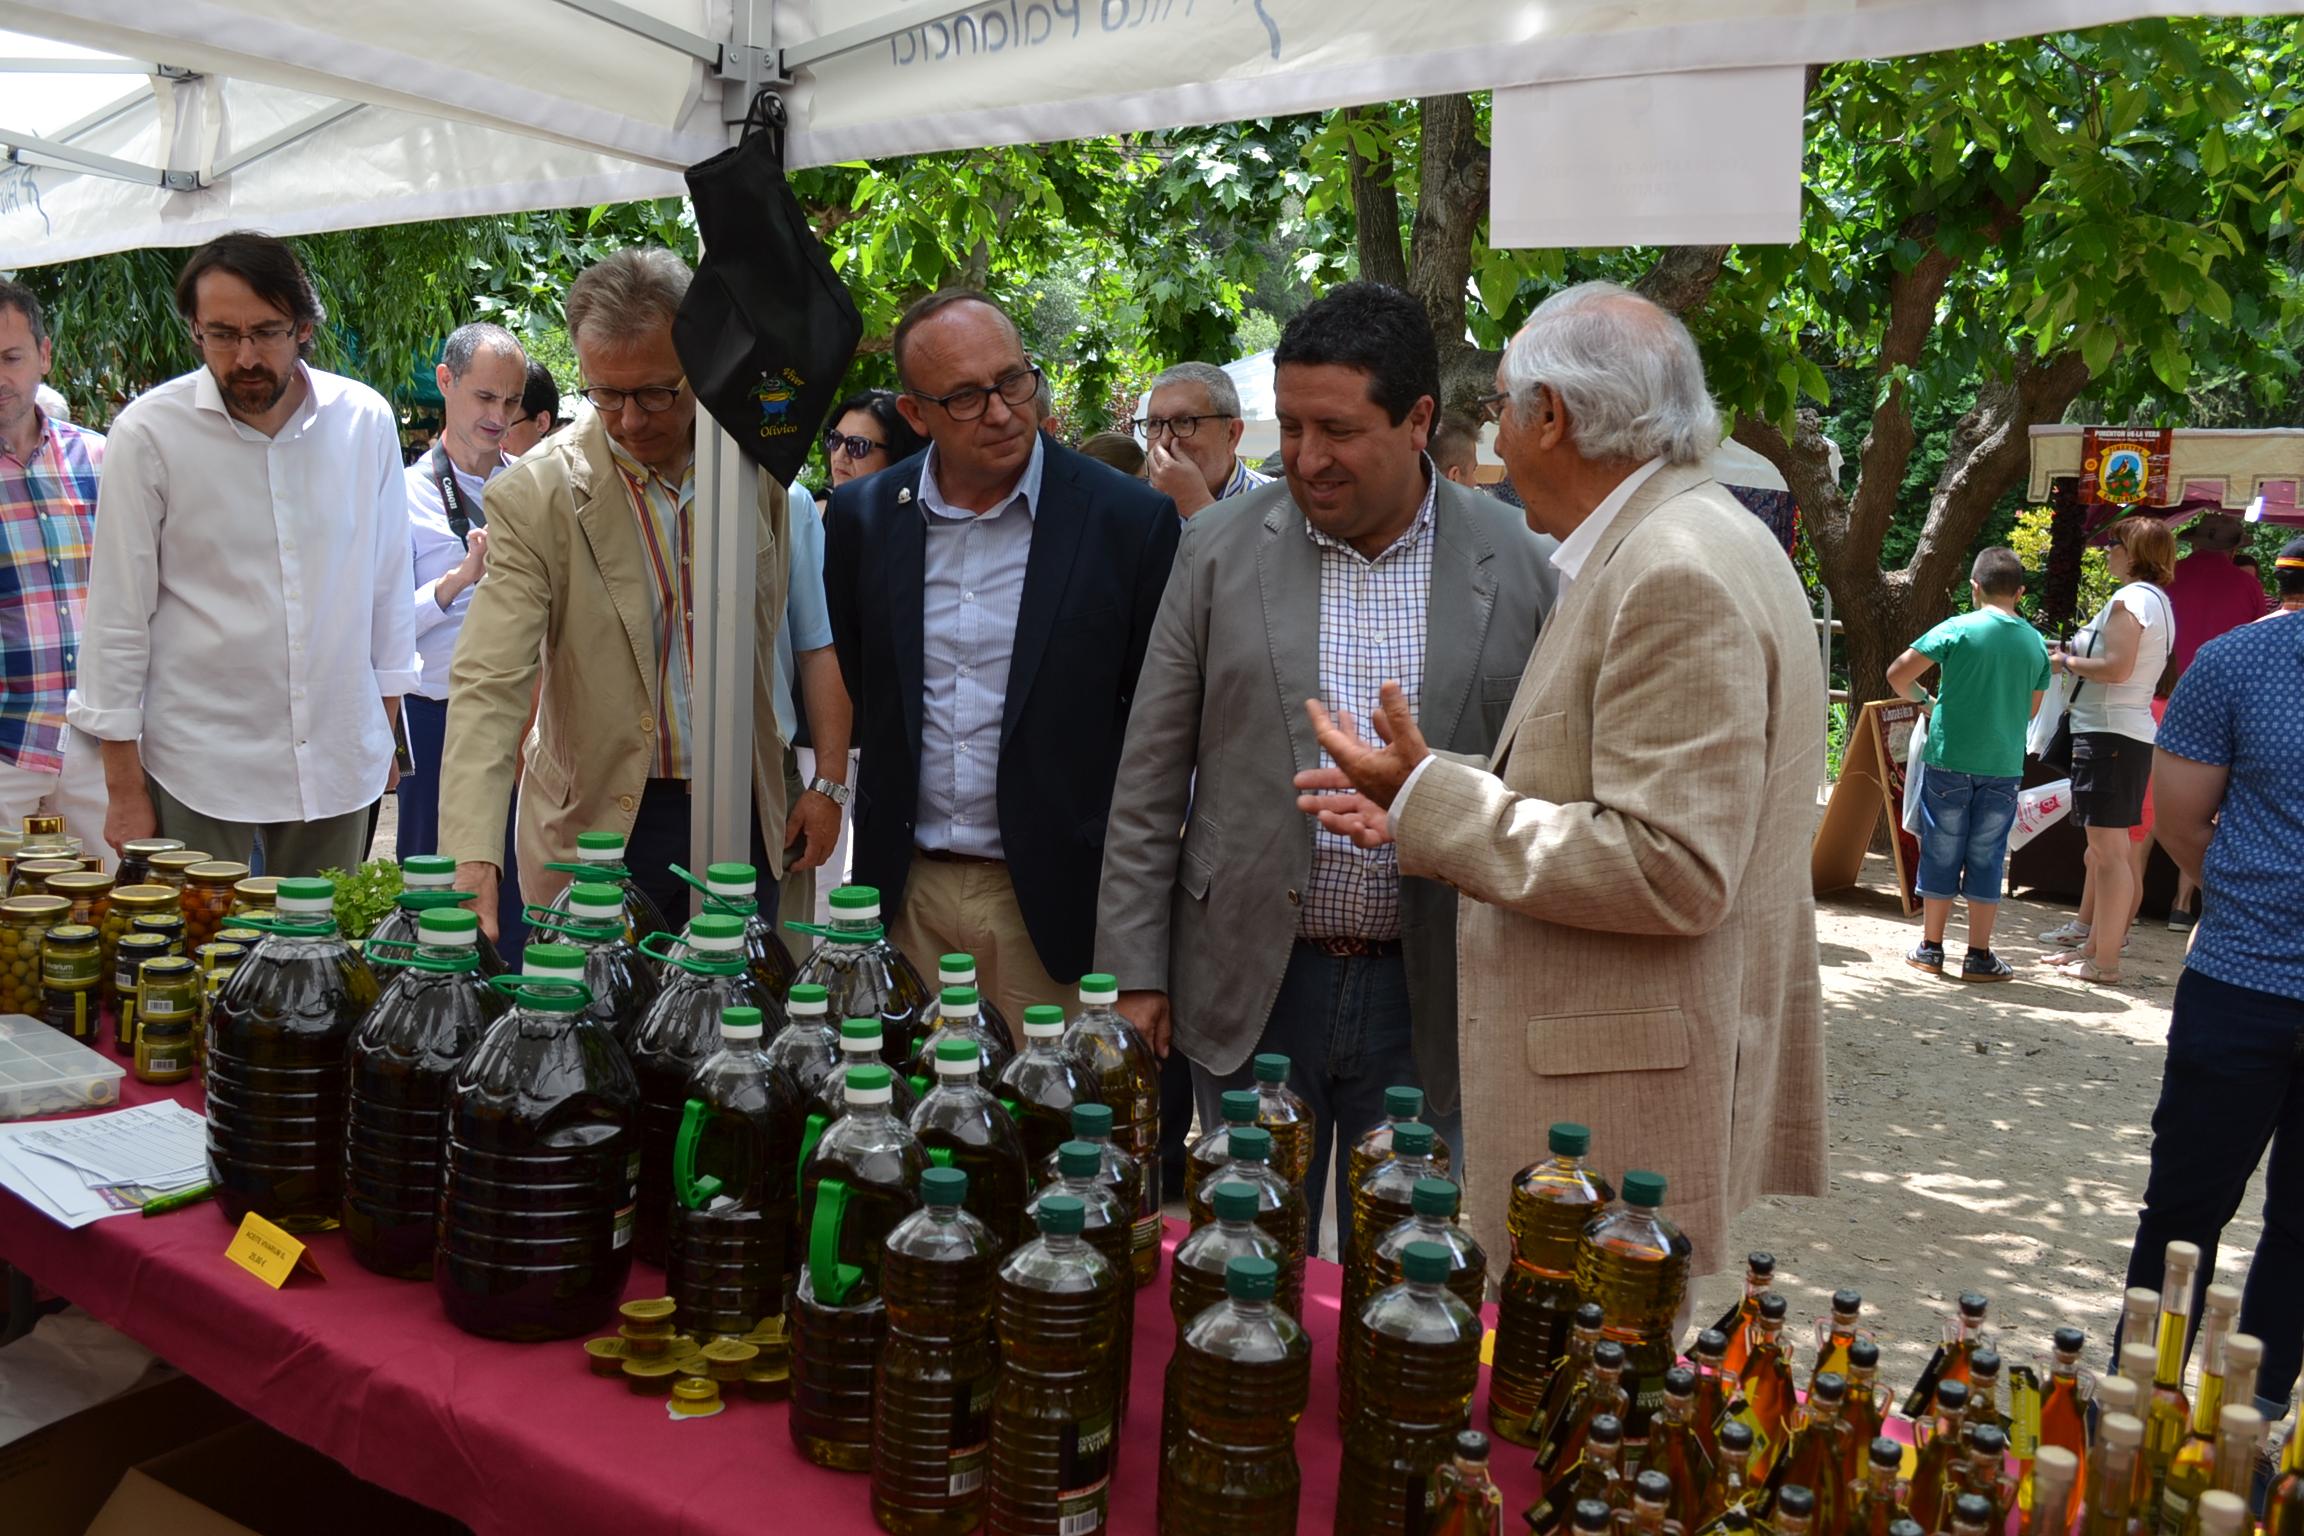 La Diputación atrae a cientos de visitantes al interior con tres ferias comerciales de productos autóctonos este fin de semana